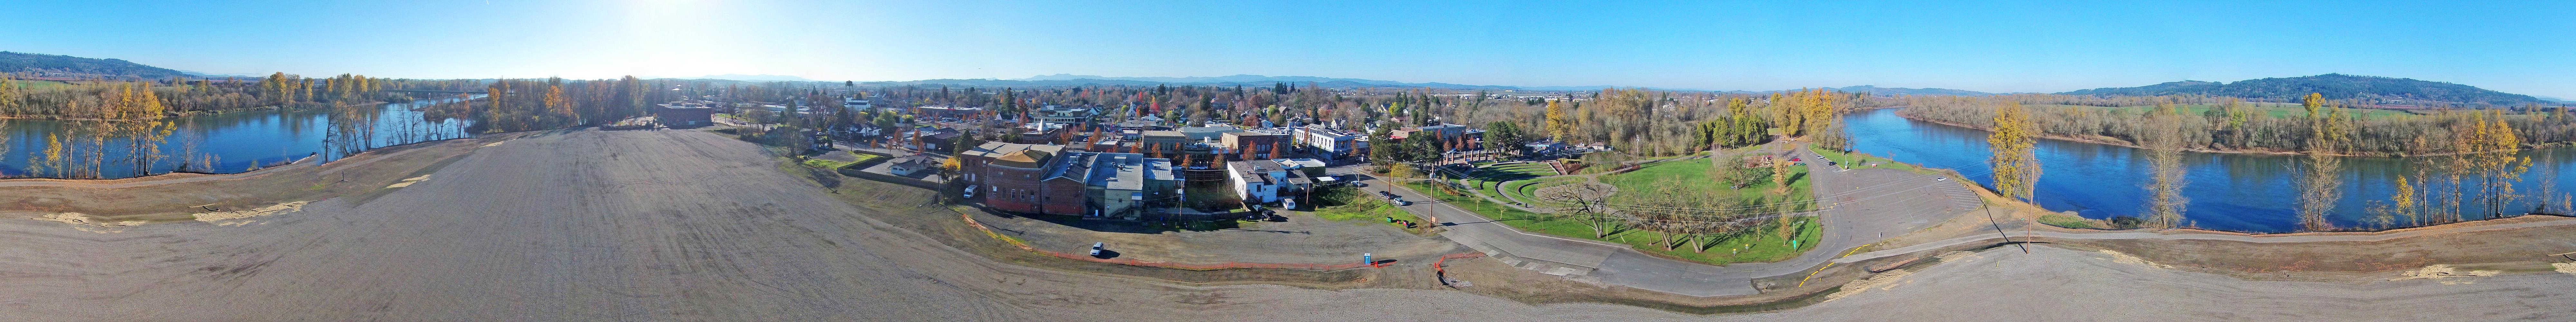 2015-11-28 panorama aerial